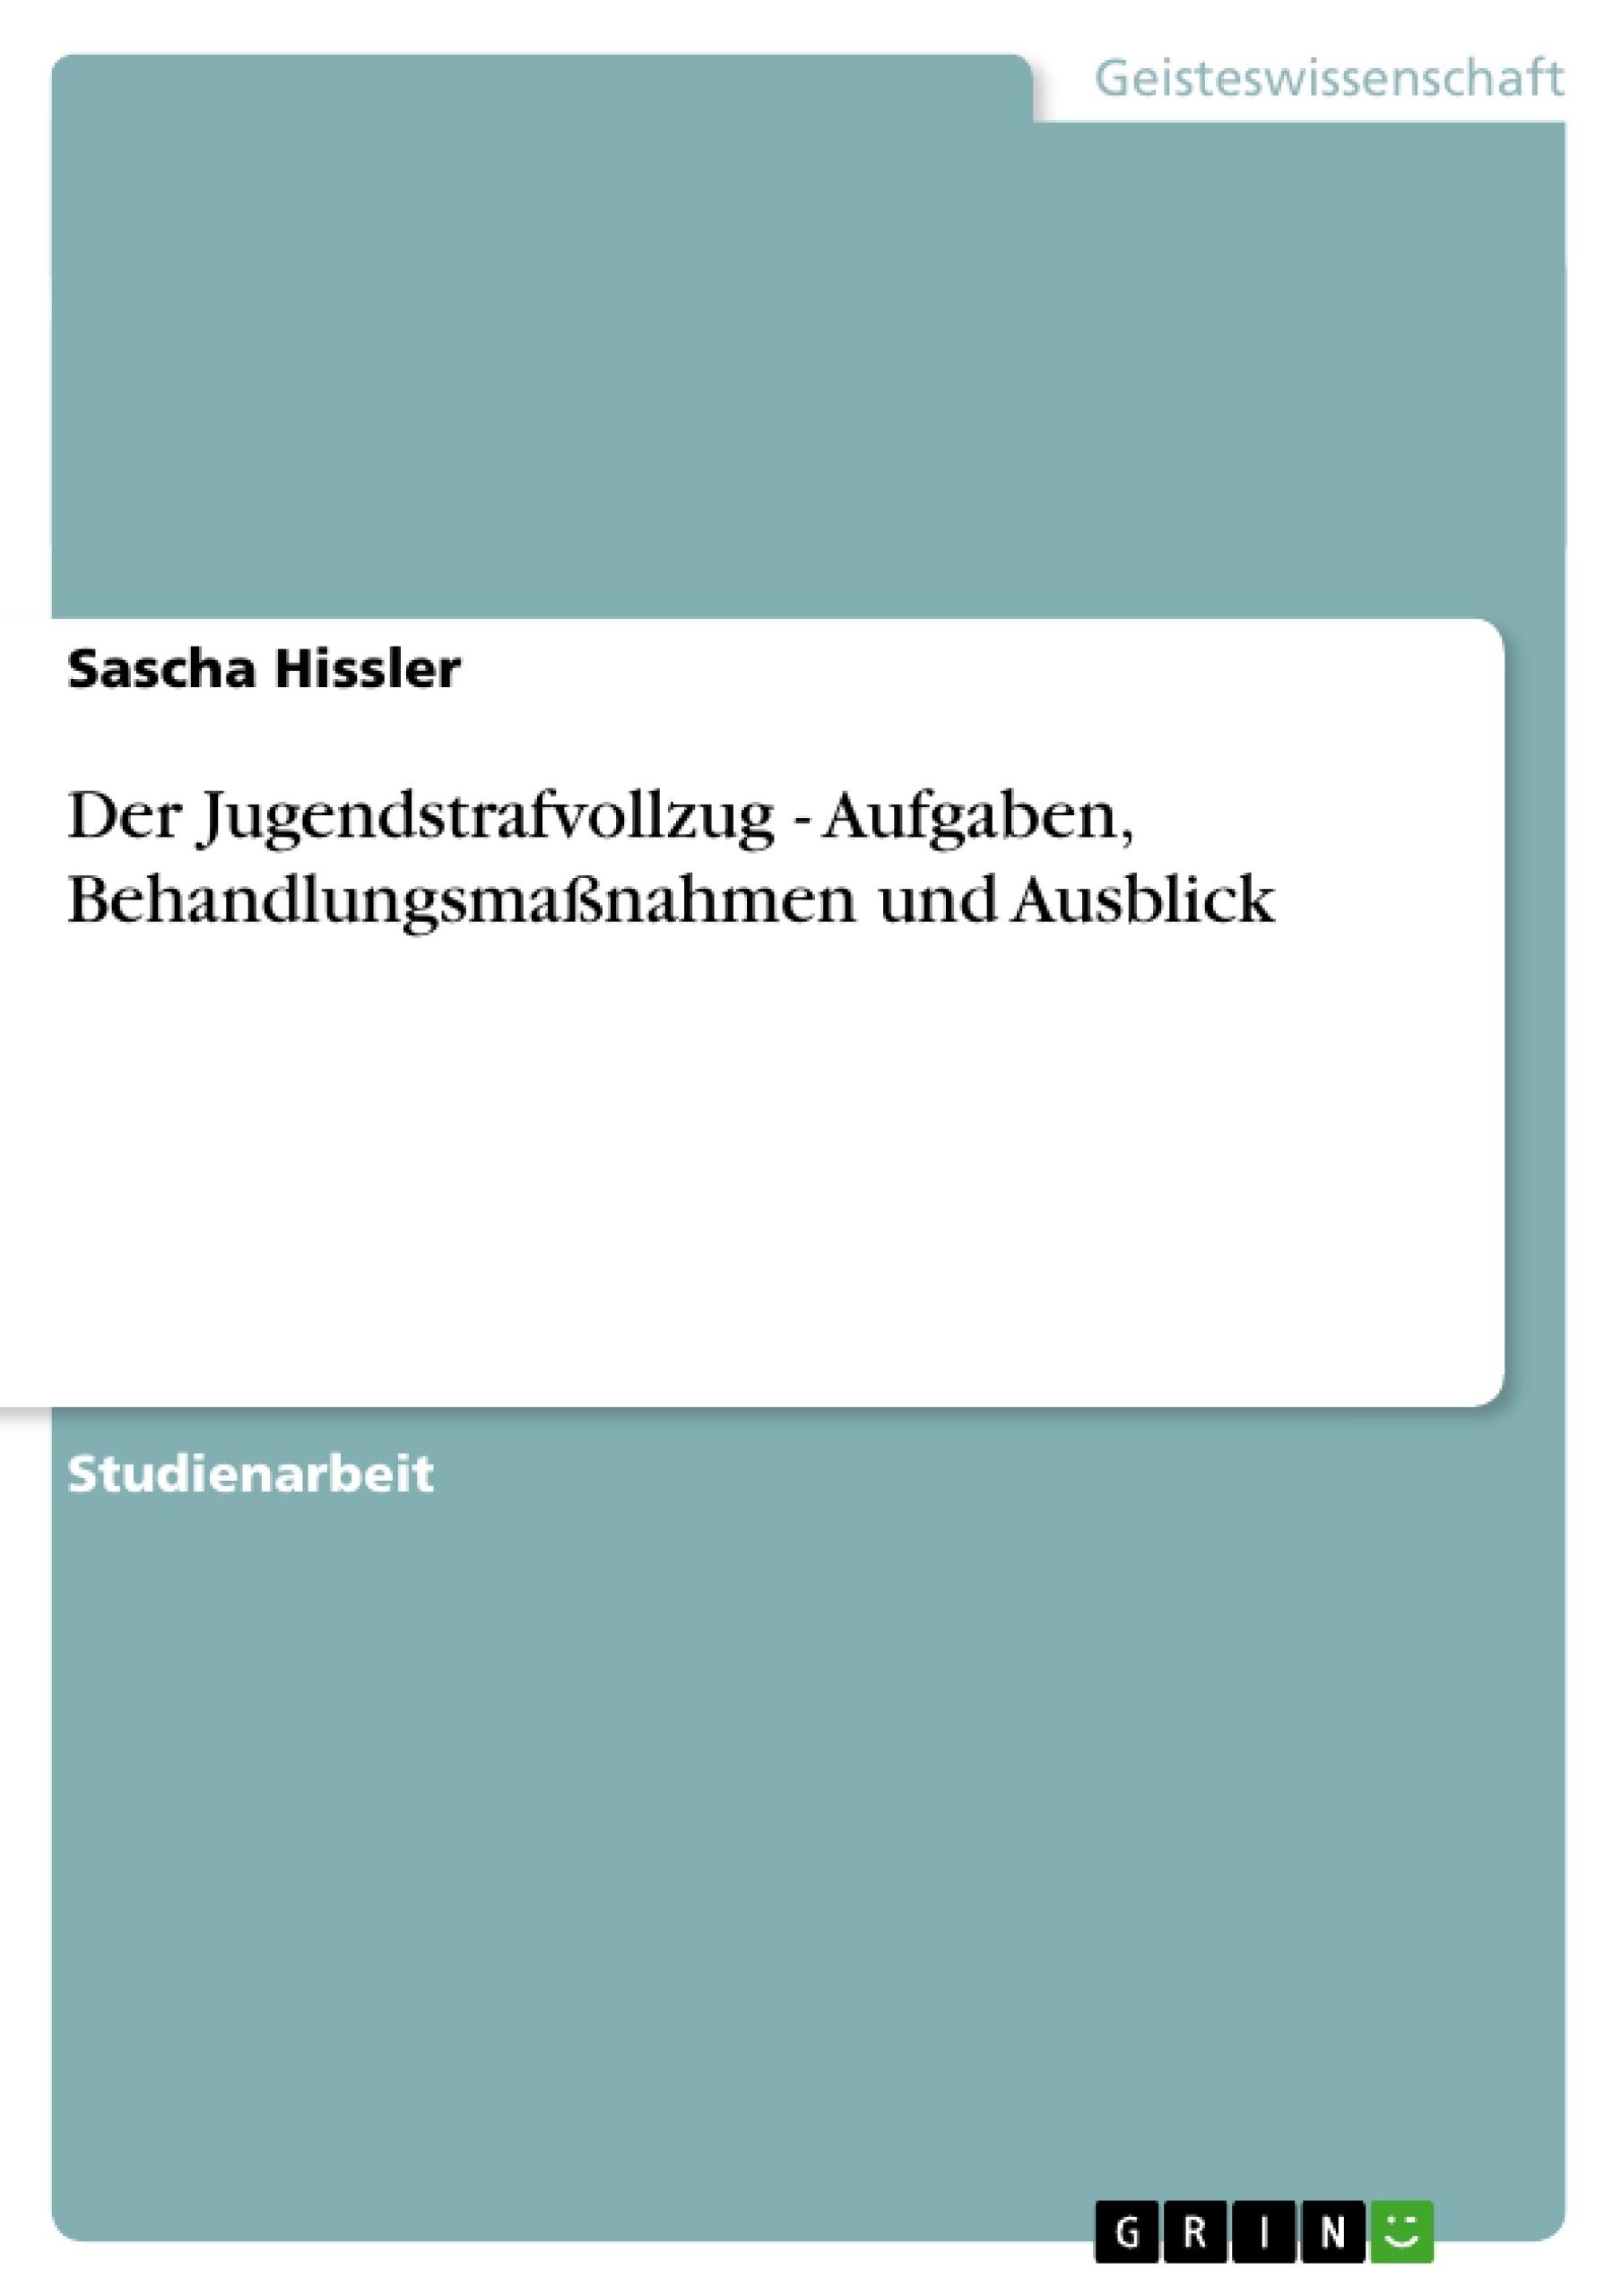 Titel: Der Jugendstrafvollzug - Aufgaben, Behandlungsmaßnahmen und Ausblick